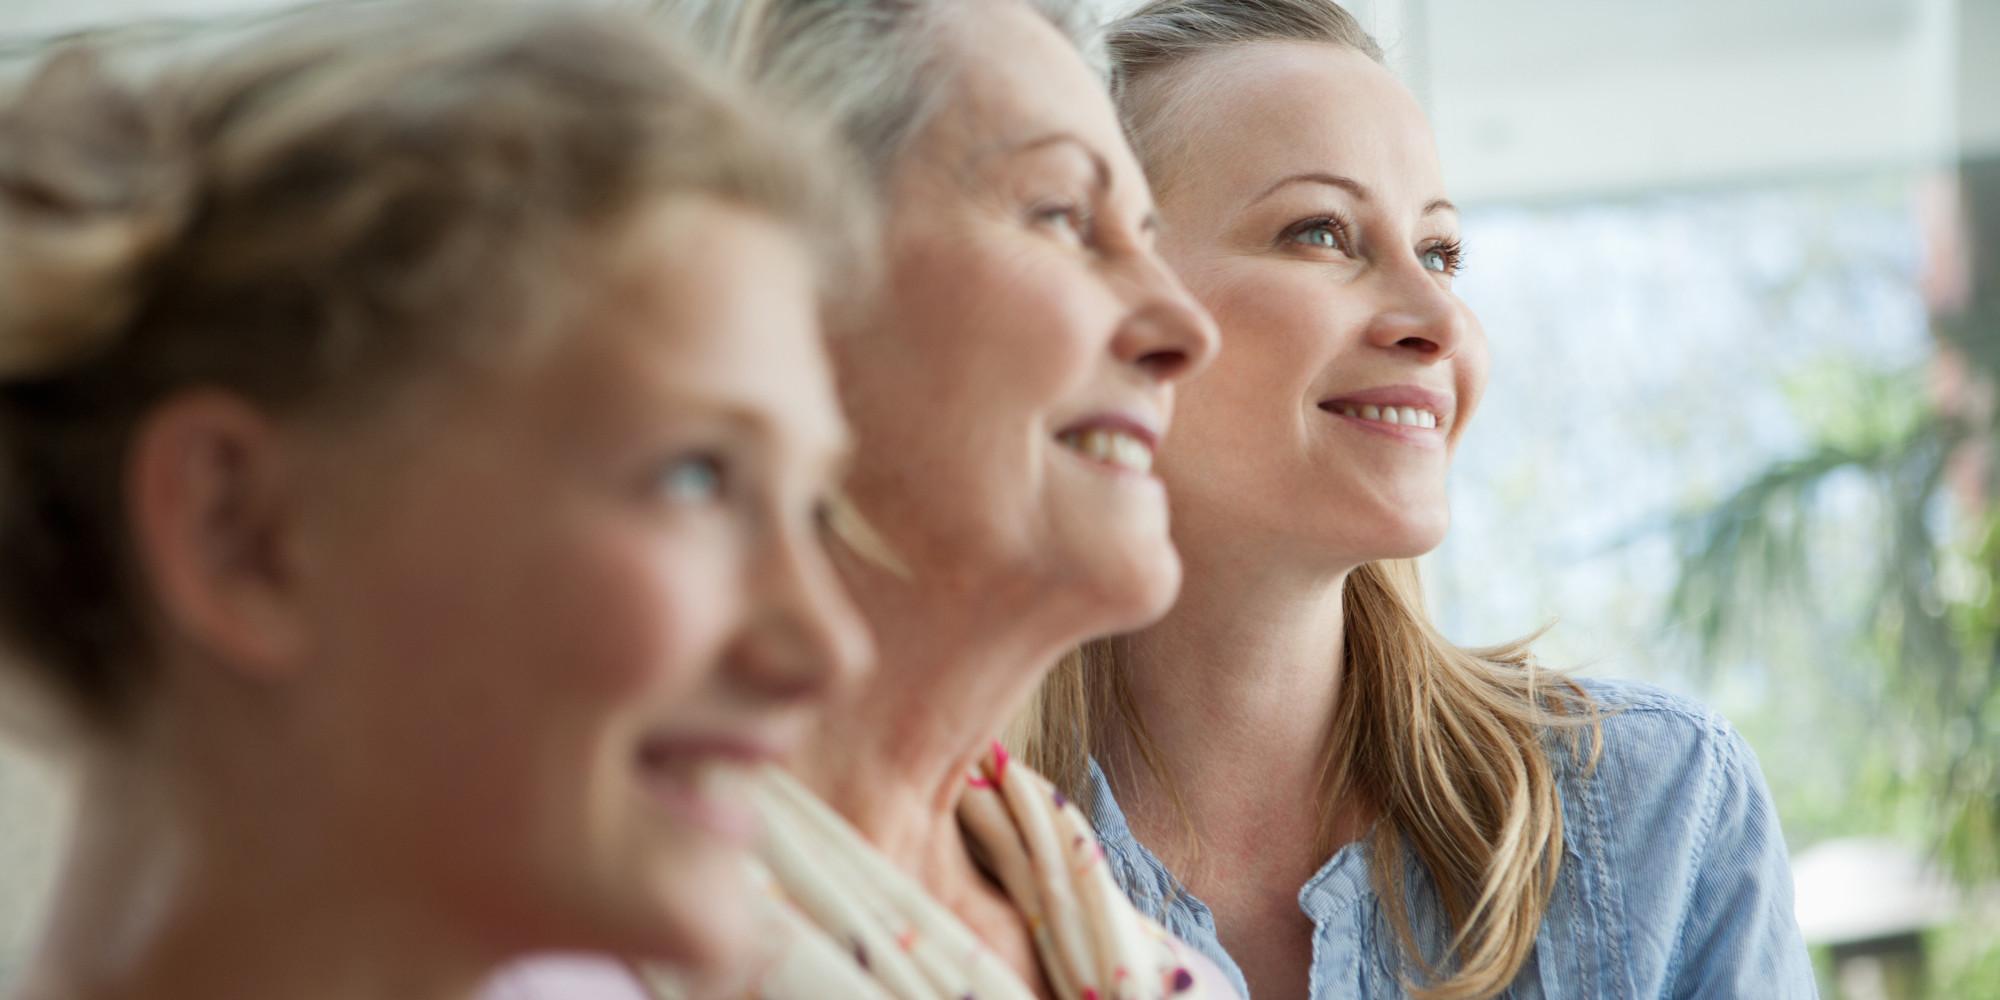 Фиброаденома молочной железы — лечение доброкачественной опухоли. Симптомы и виды фиброаденомы молочной железы.